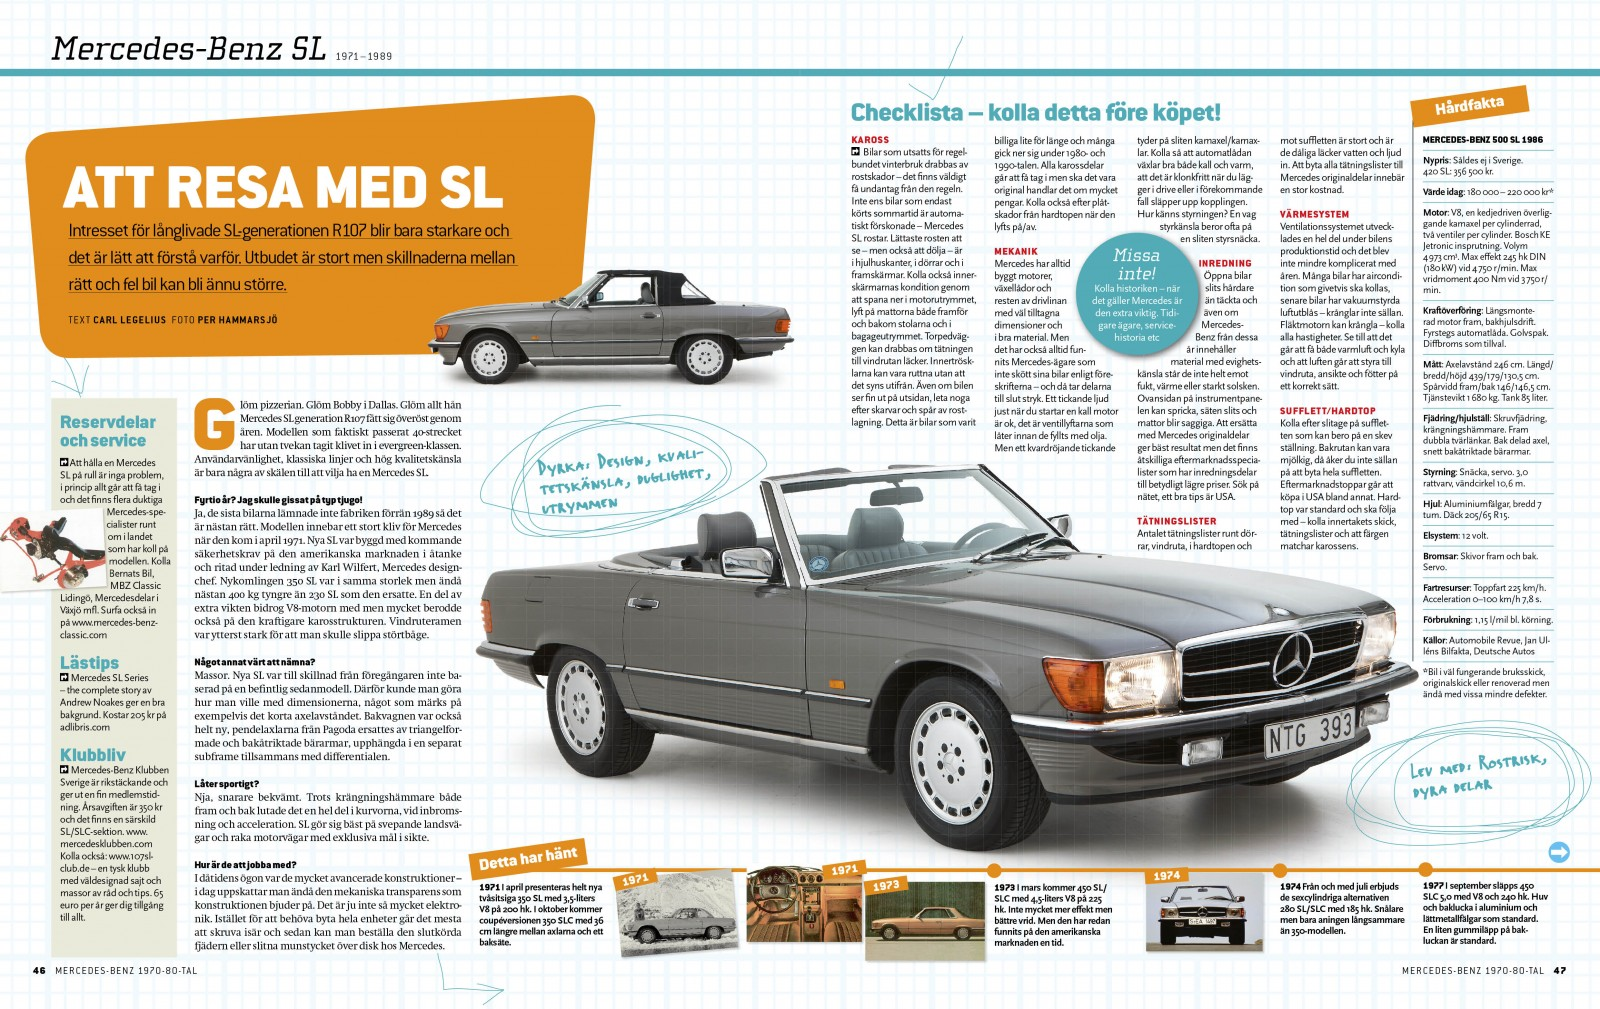 Samlarutgåva: Mercedes-Benz 1970-1980-tal!